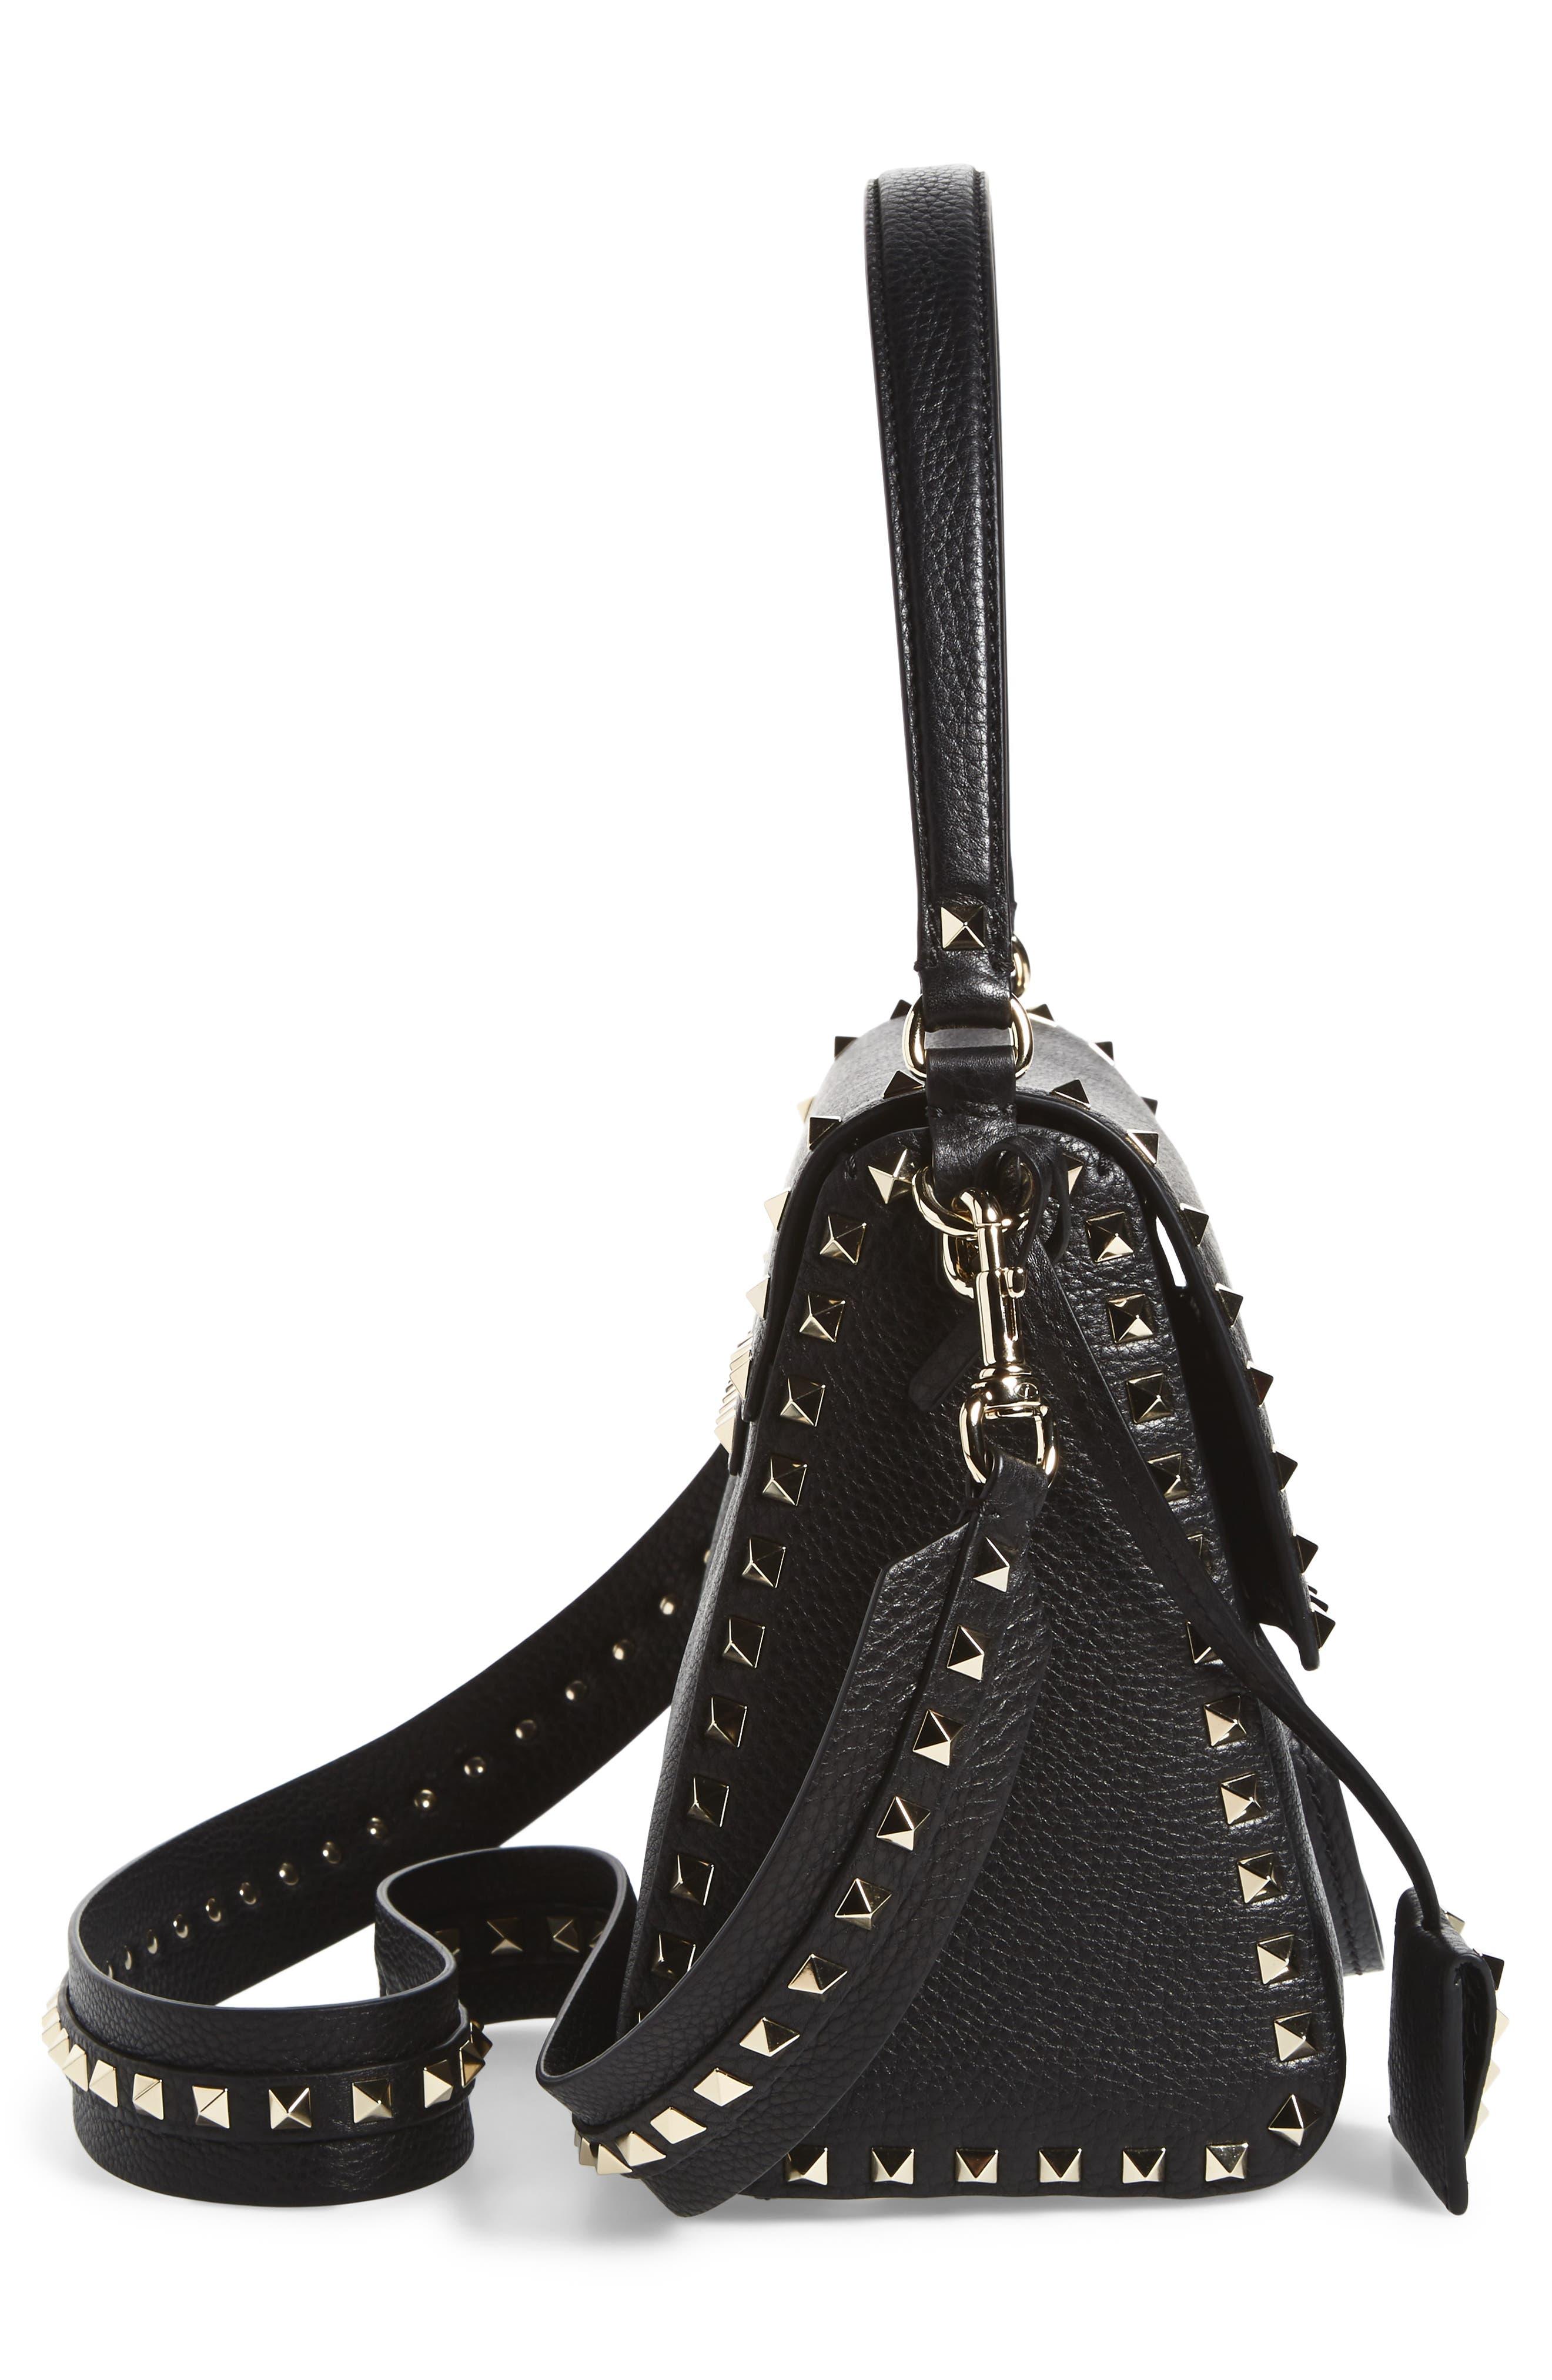 Medium Rockstud Leather Shoulder Bag,                             Alternate thumbnail 5, color,                             001